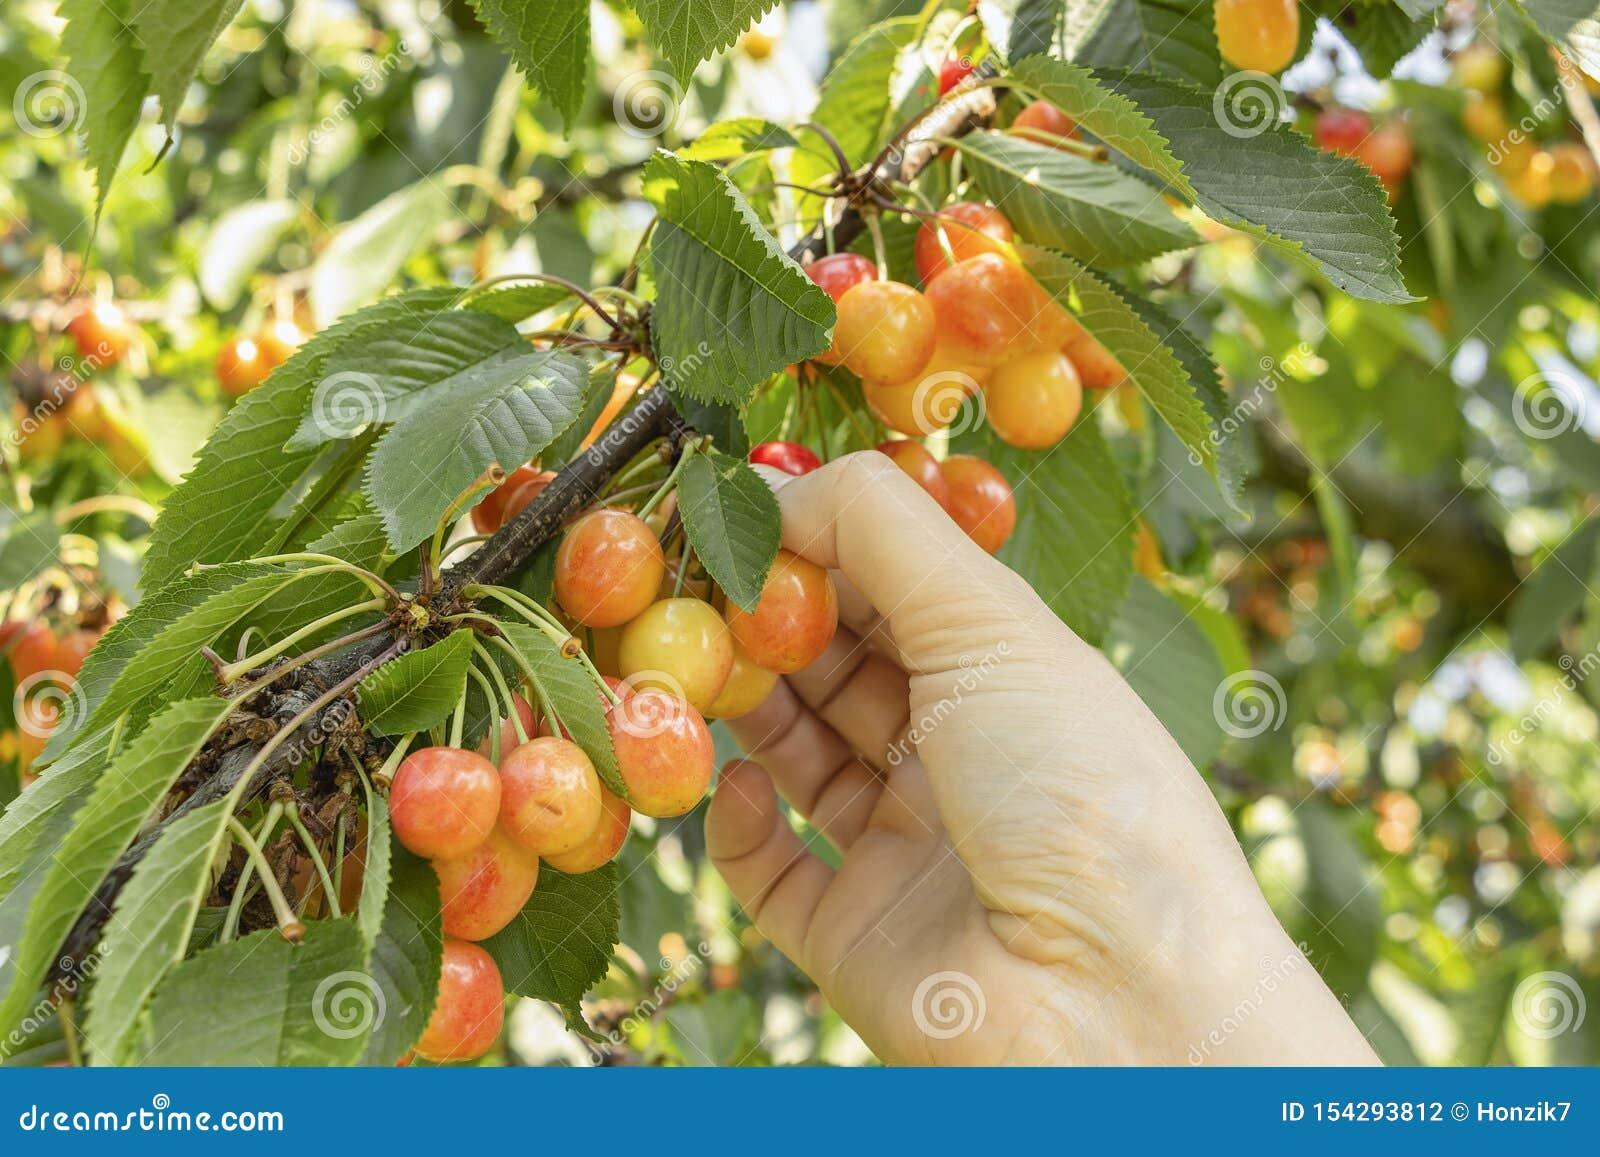 采摘水多的樱桃的妇女手在夏天